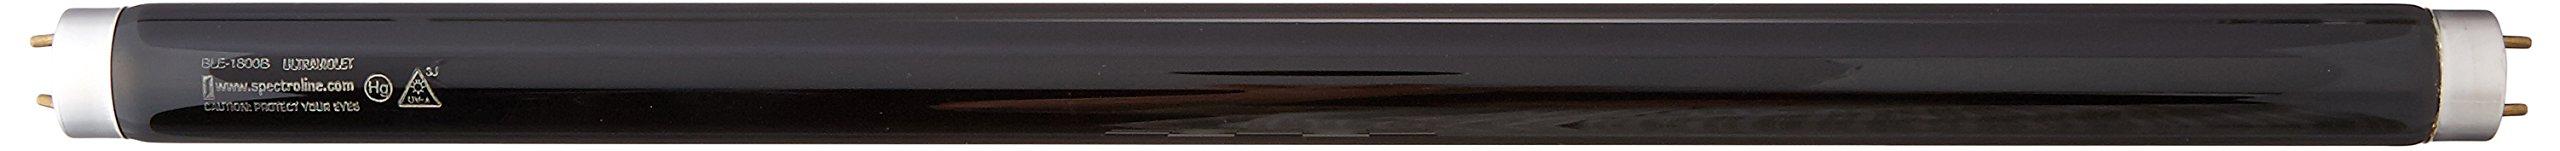 Spectronics BLE-1800B Tube, 365nm, 15 Watt BLB